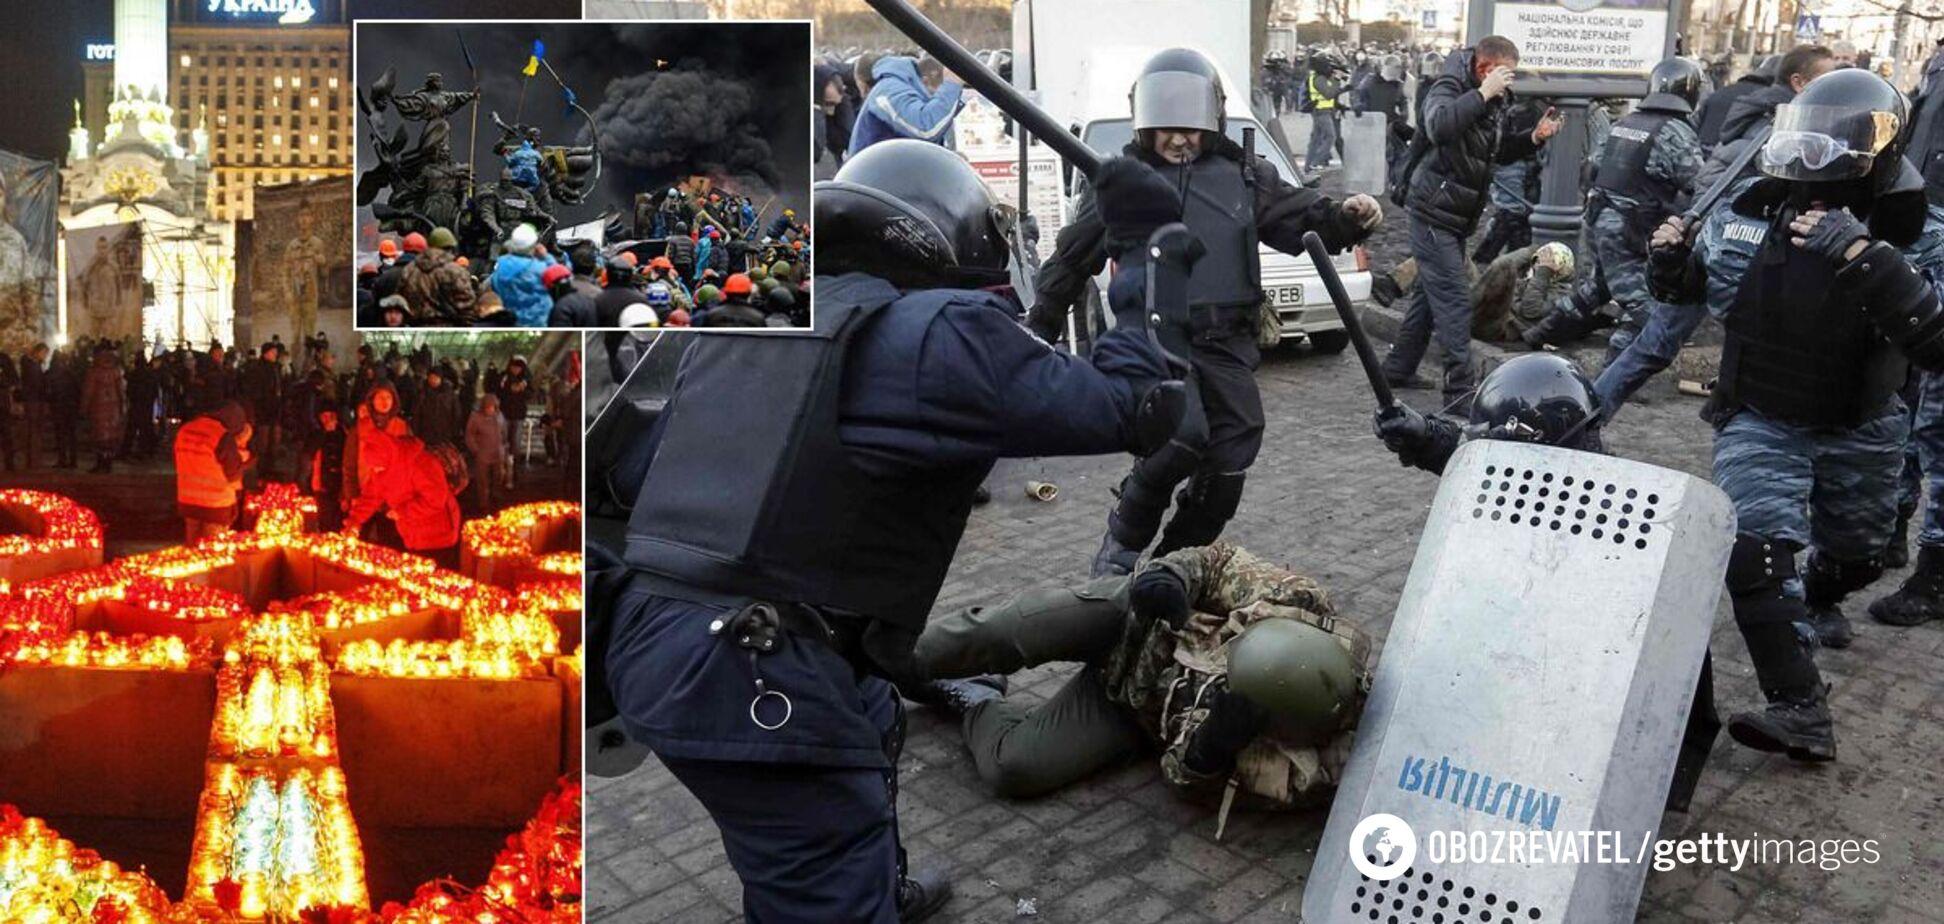 ЄСПЛ звинуватив владу Януковича в порушенні прав людини на Майдані